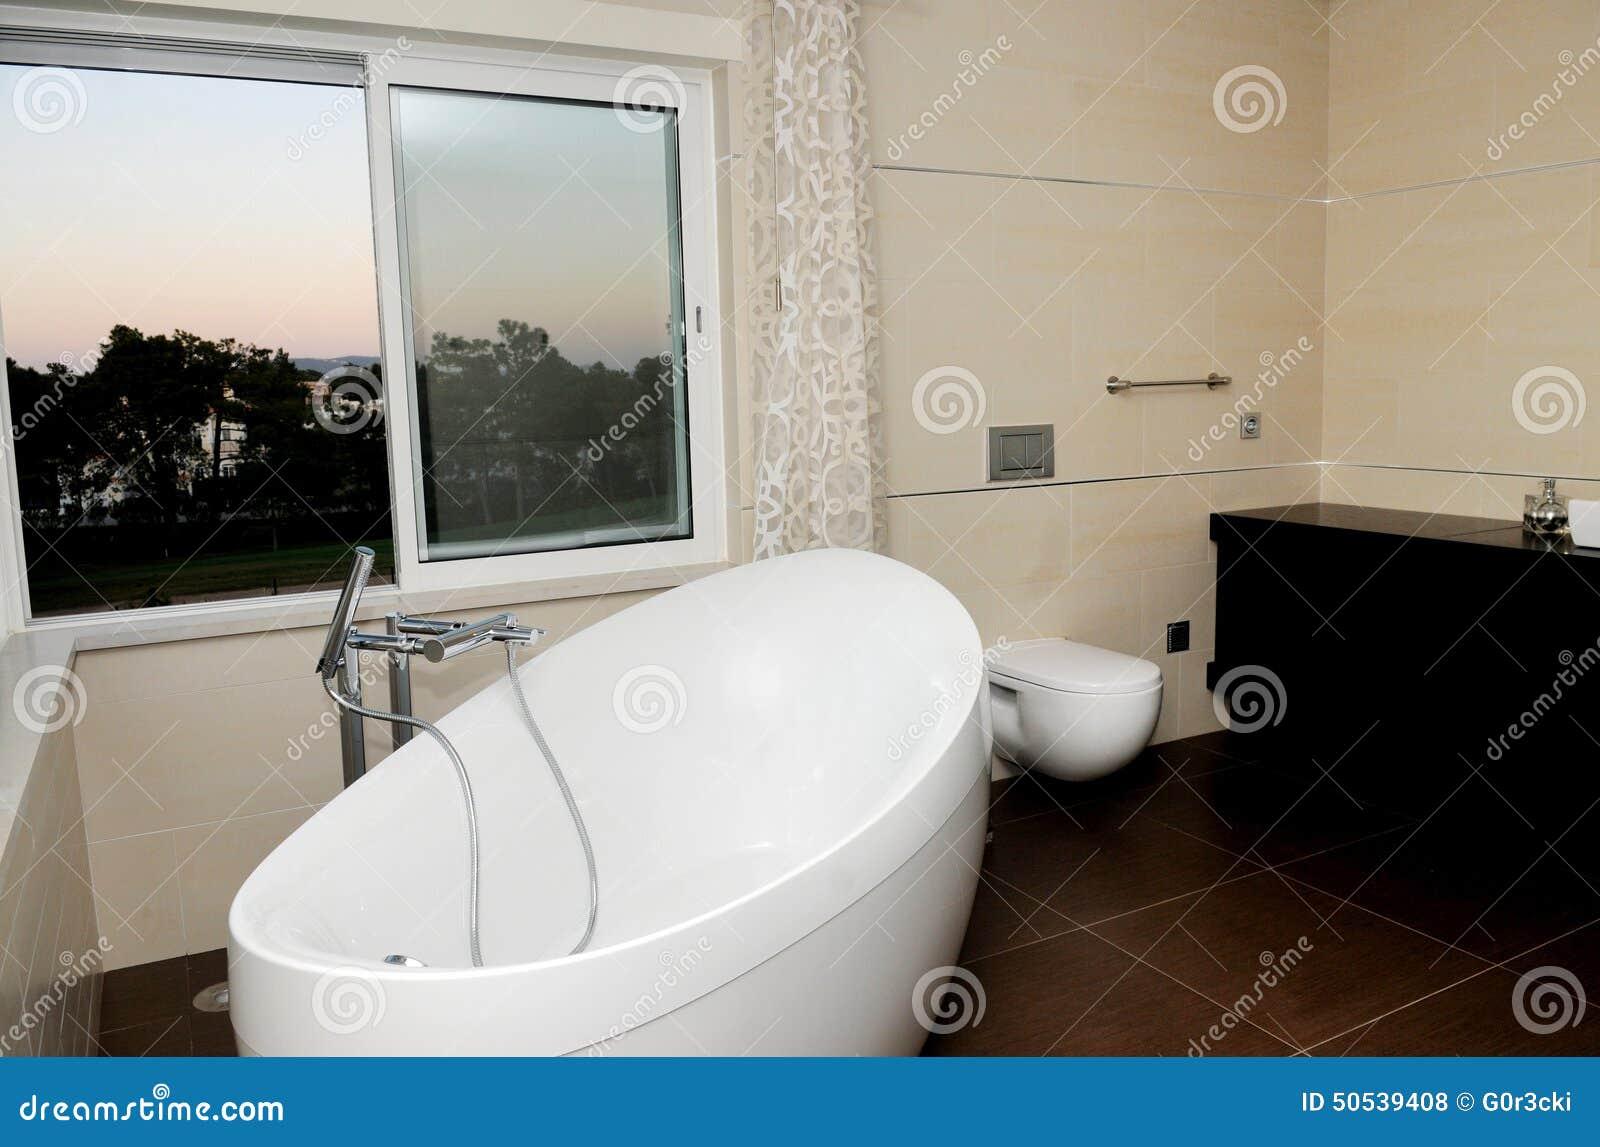 Salle de bains luxueuse et moderne baignoire blanche for Baignoire noire et blanche